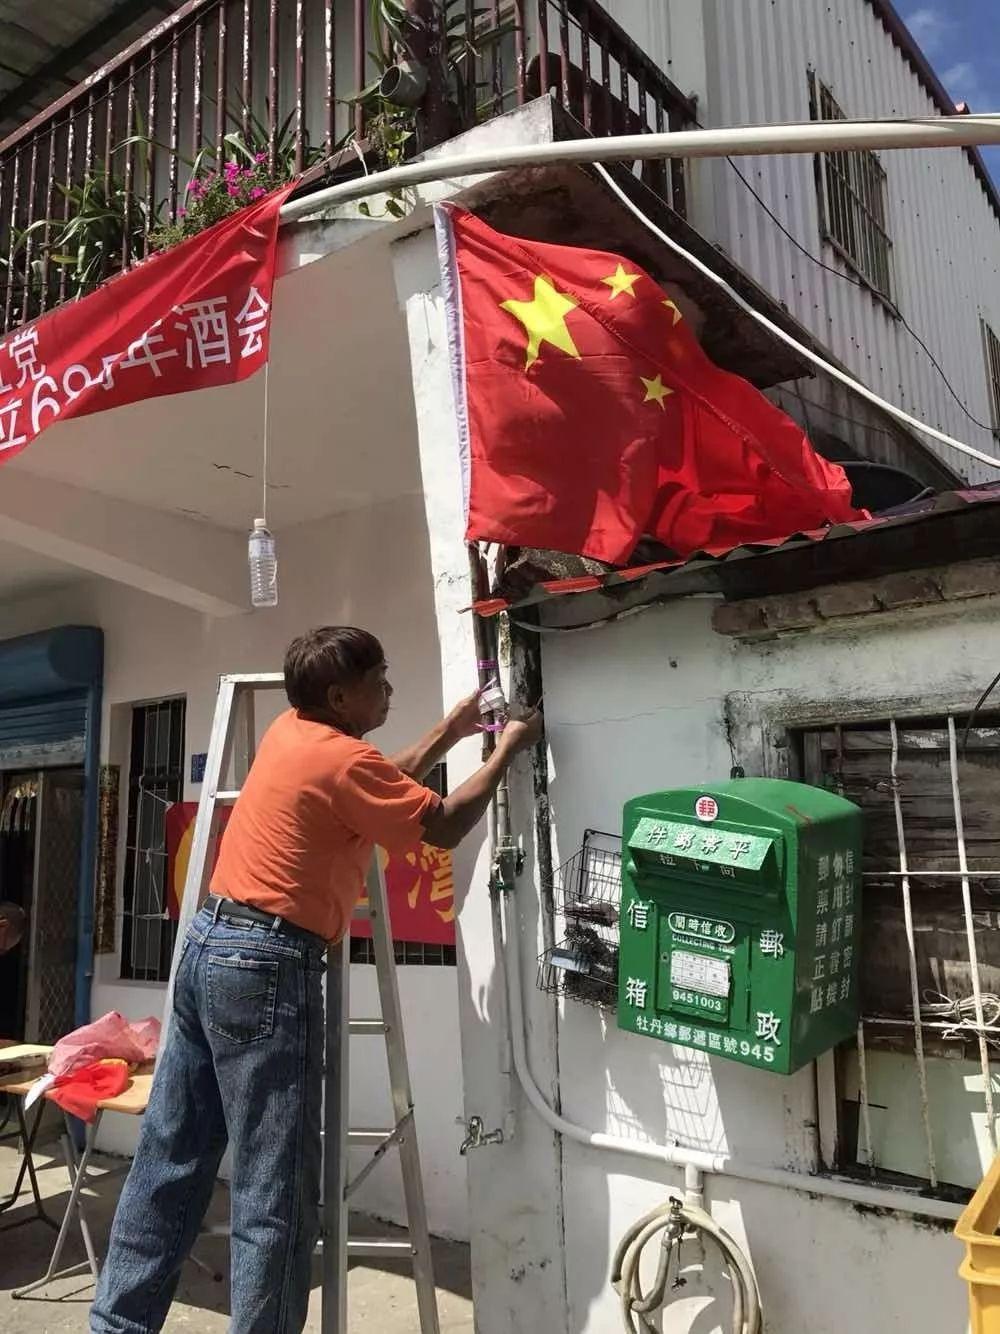 台湾渔民挂五星红旗对付日本:台民进党郁闷 - 海... - 手机铁血网